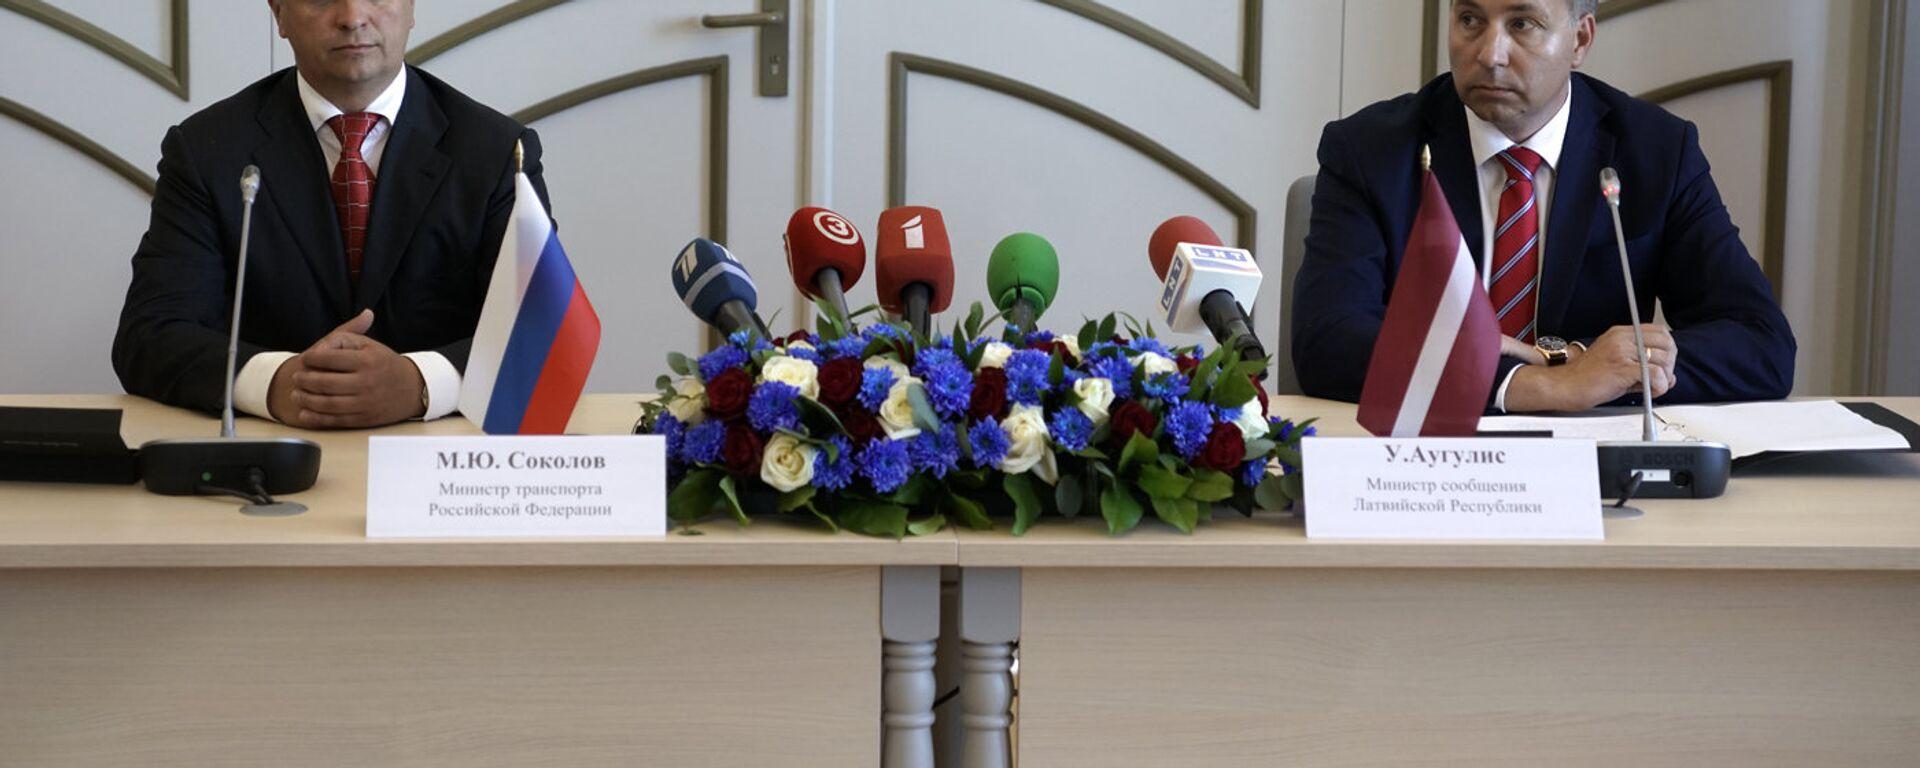 7-й форум межправительственной комиссии Латвии и России - Sputnik Латвия, 1920, 15.08.2017